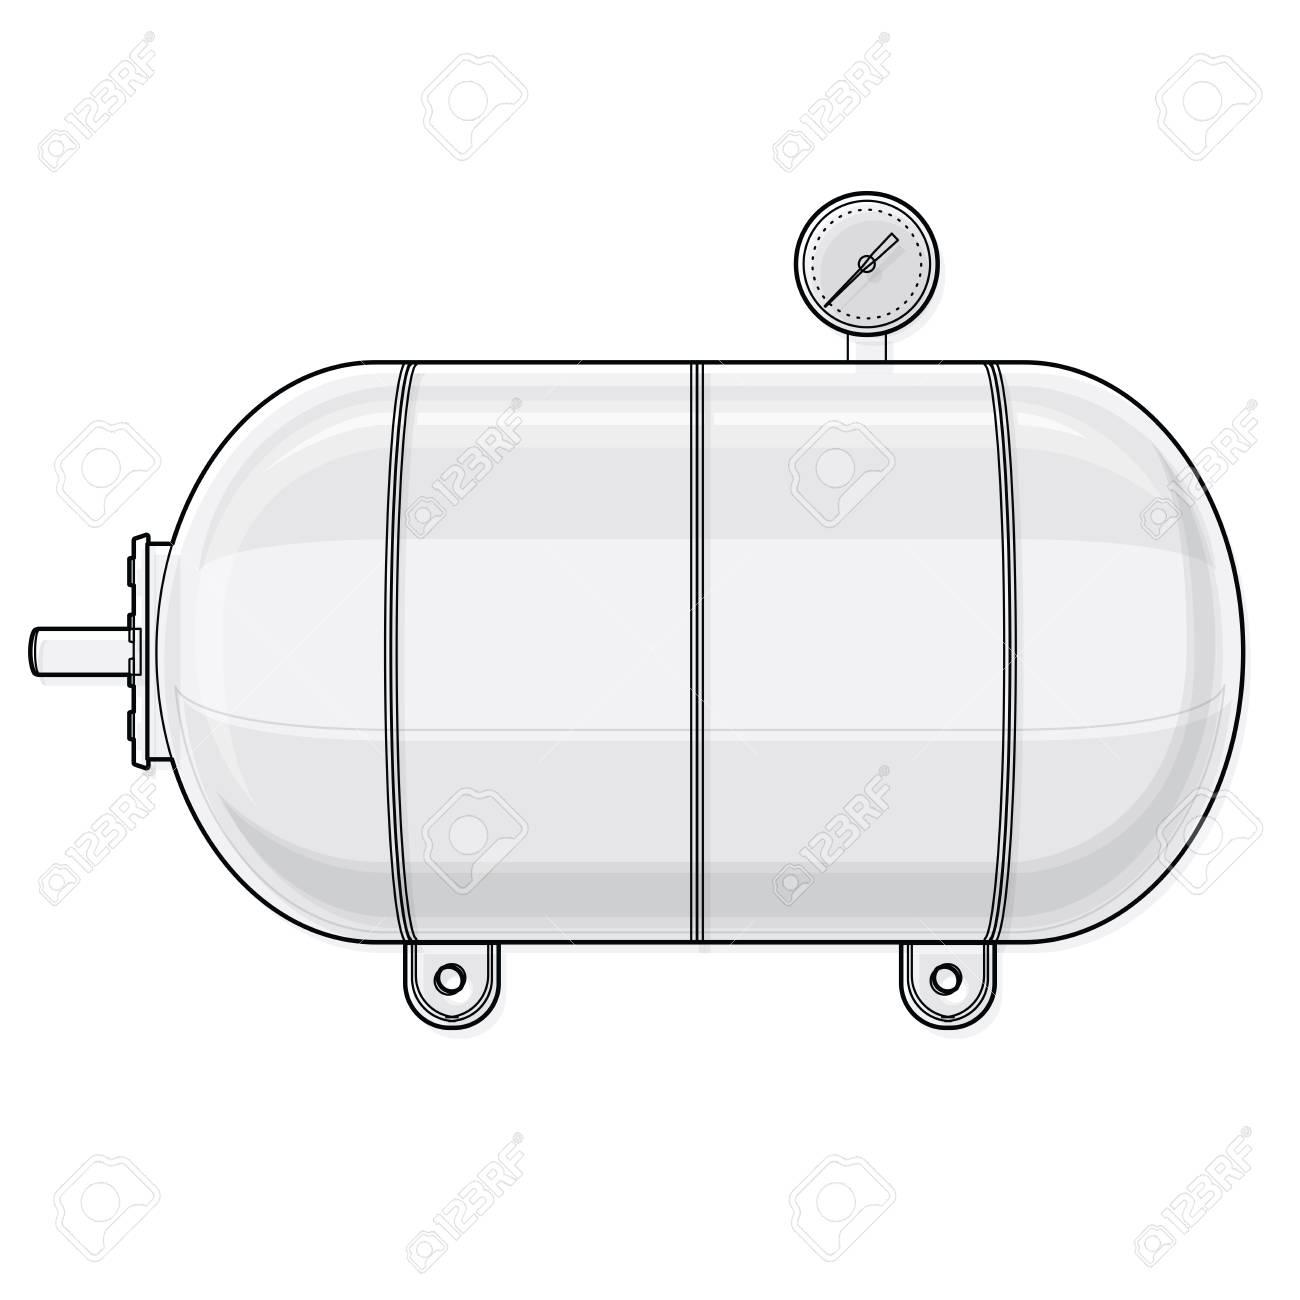 umrissener druckbehälter für wasser, gas, luft. druckbehälter zur